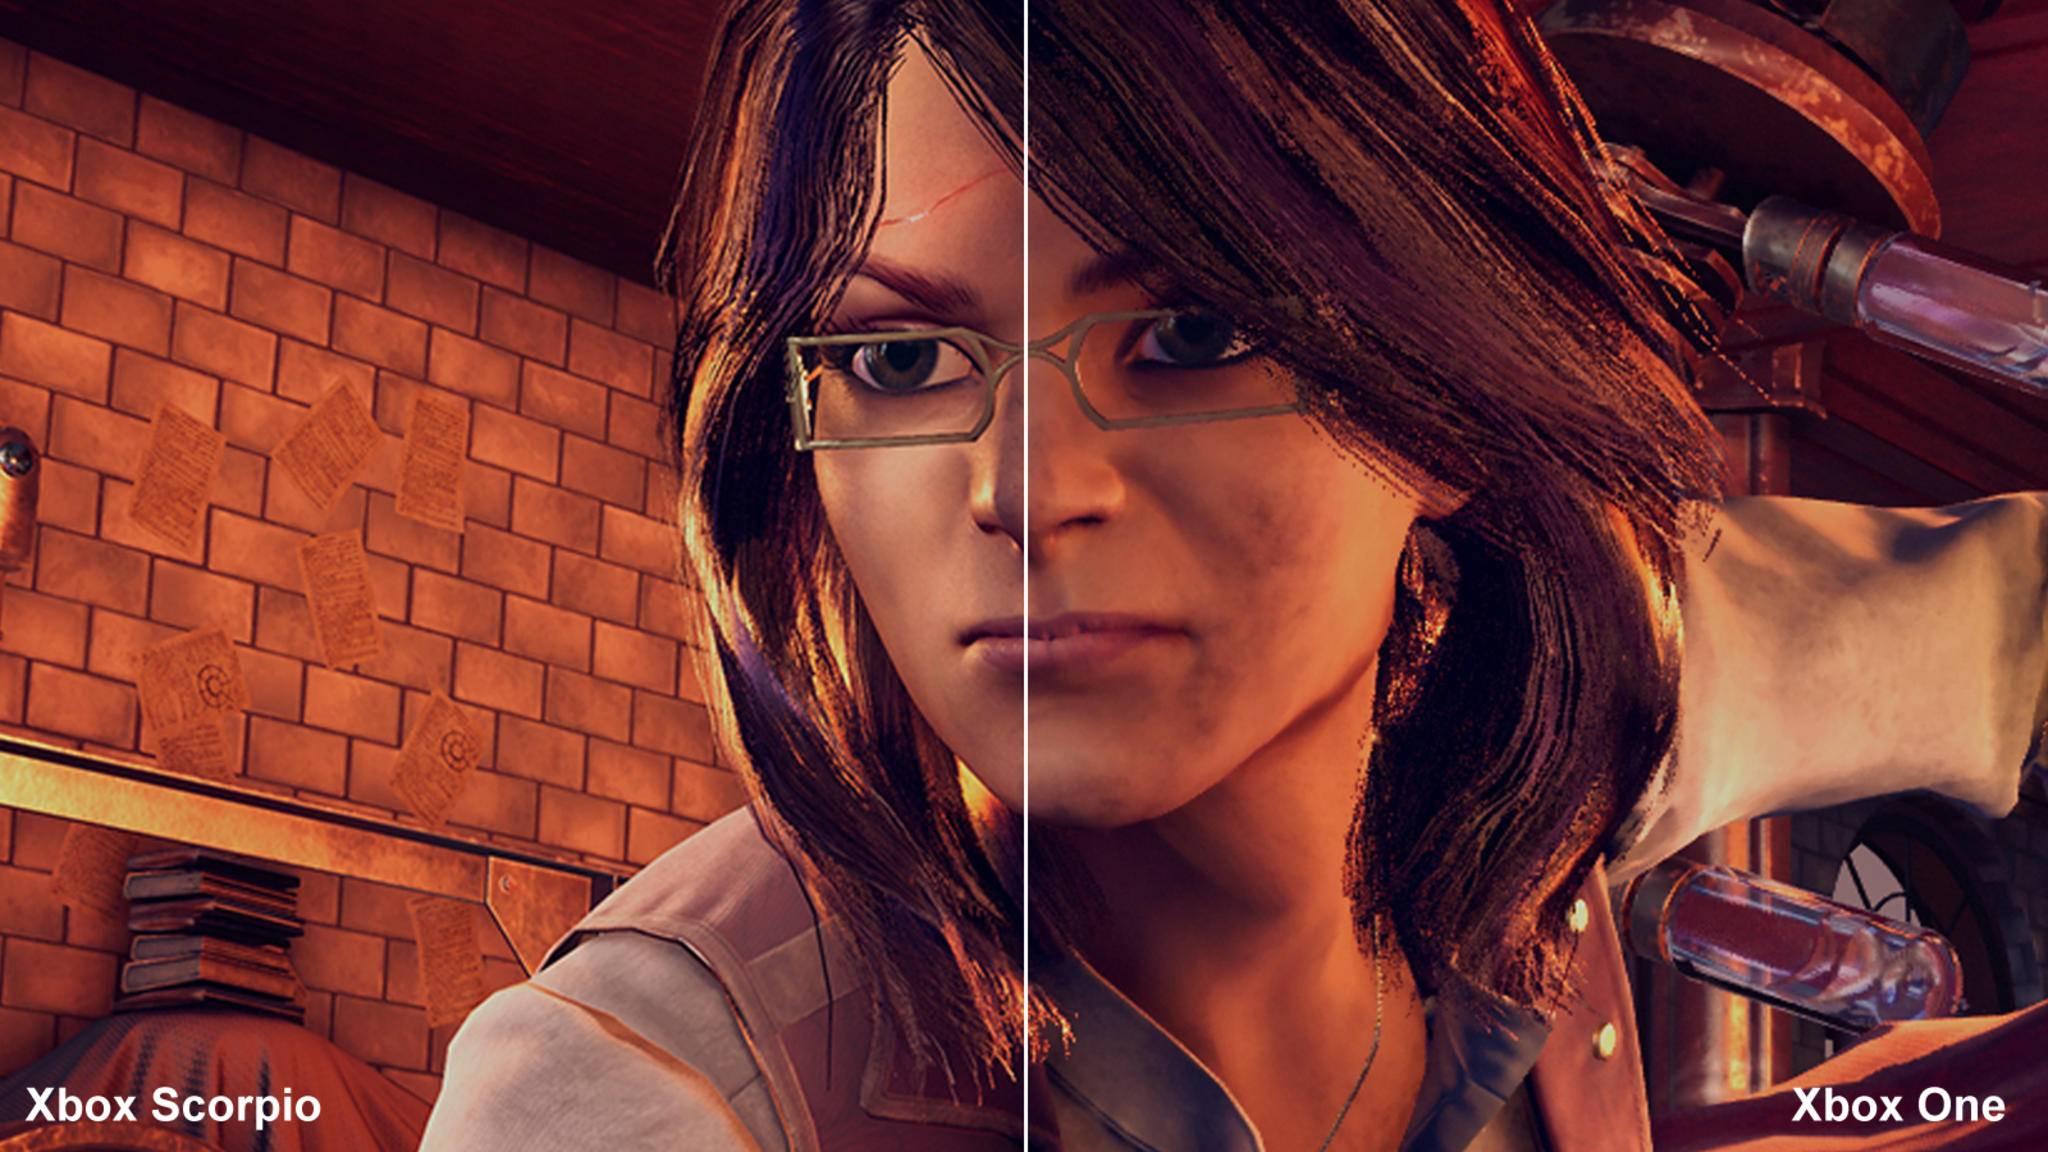 Vergleich Xbox Scorpio vs. Xbox One